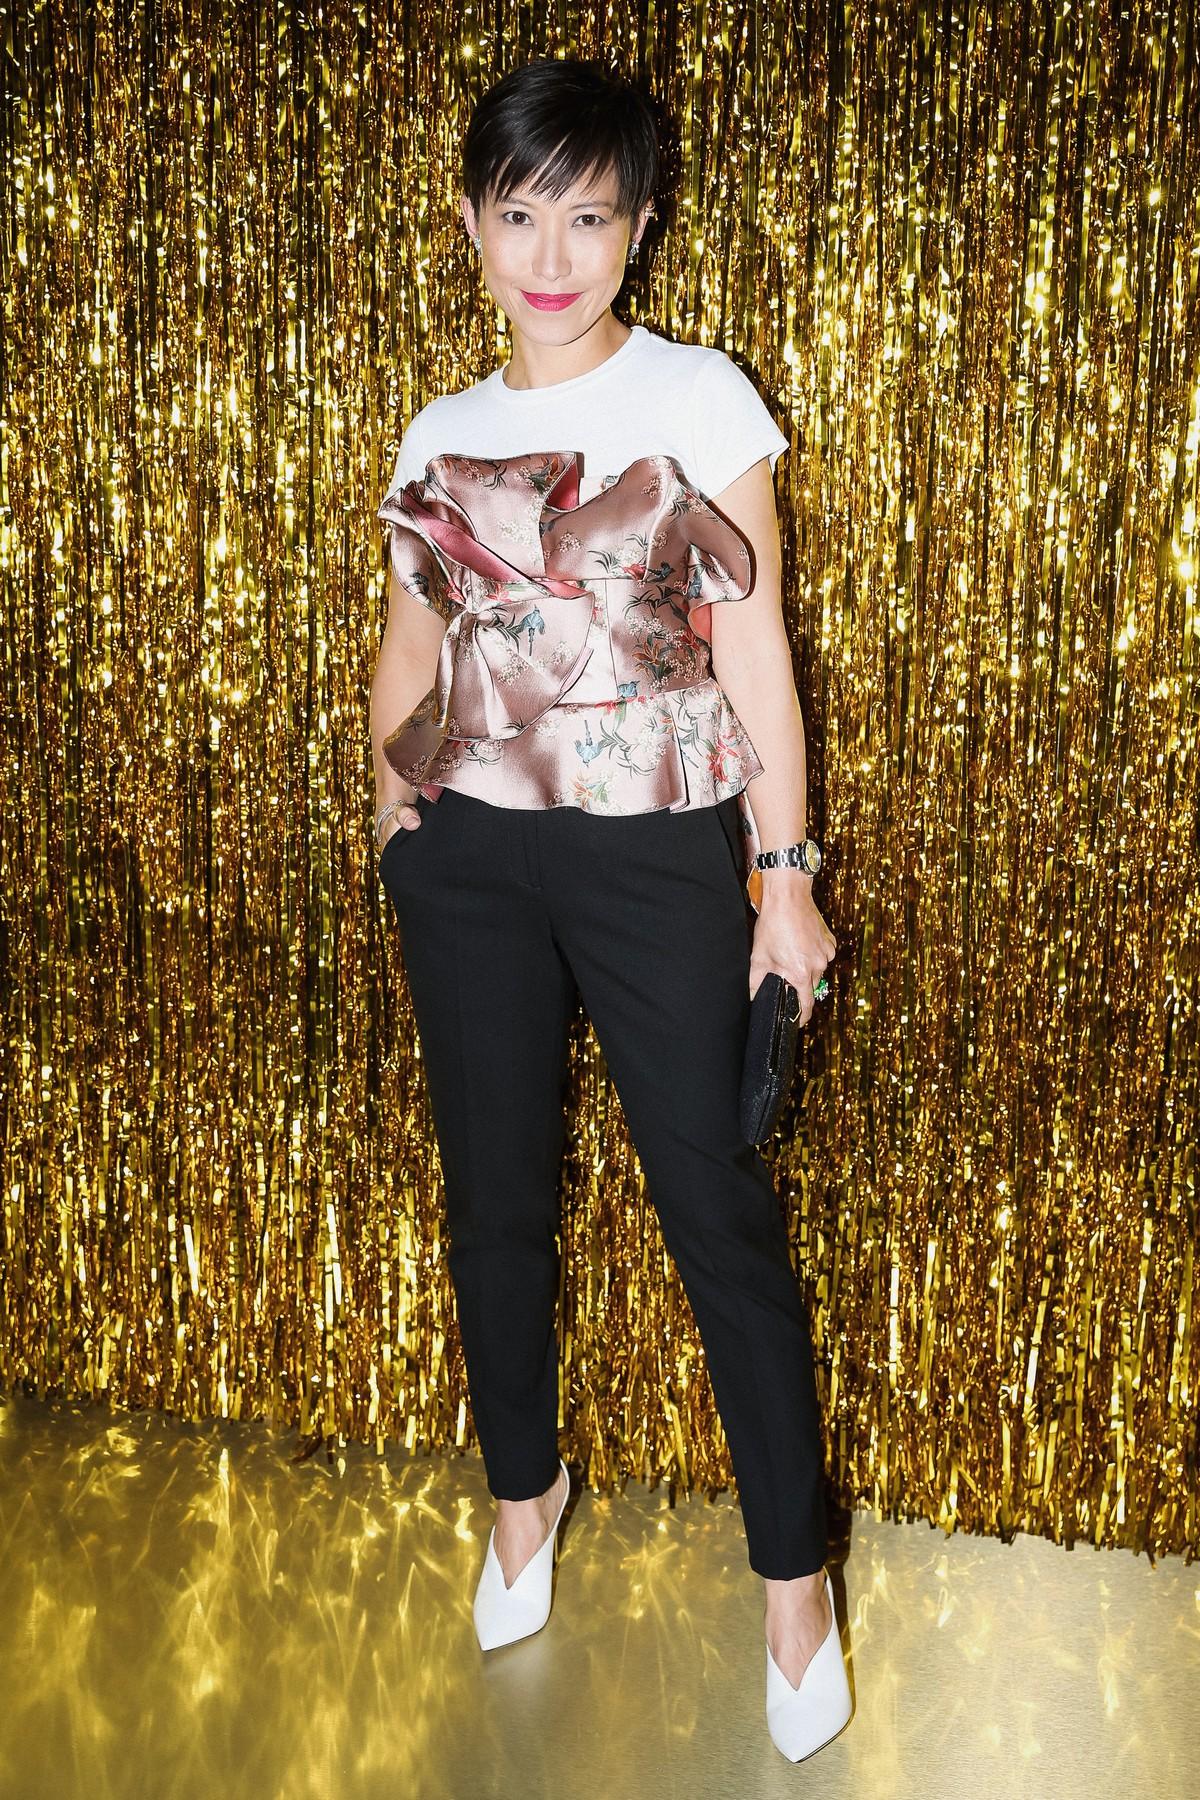 Jimmy Choo New York Fashion Week party 2018